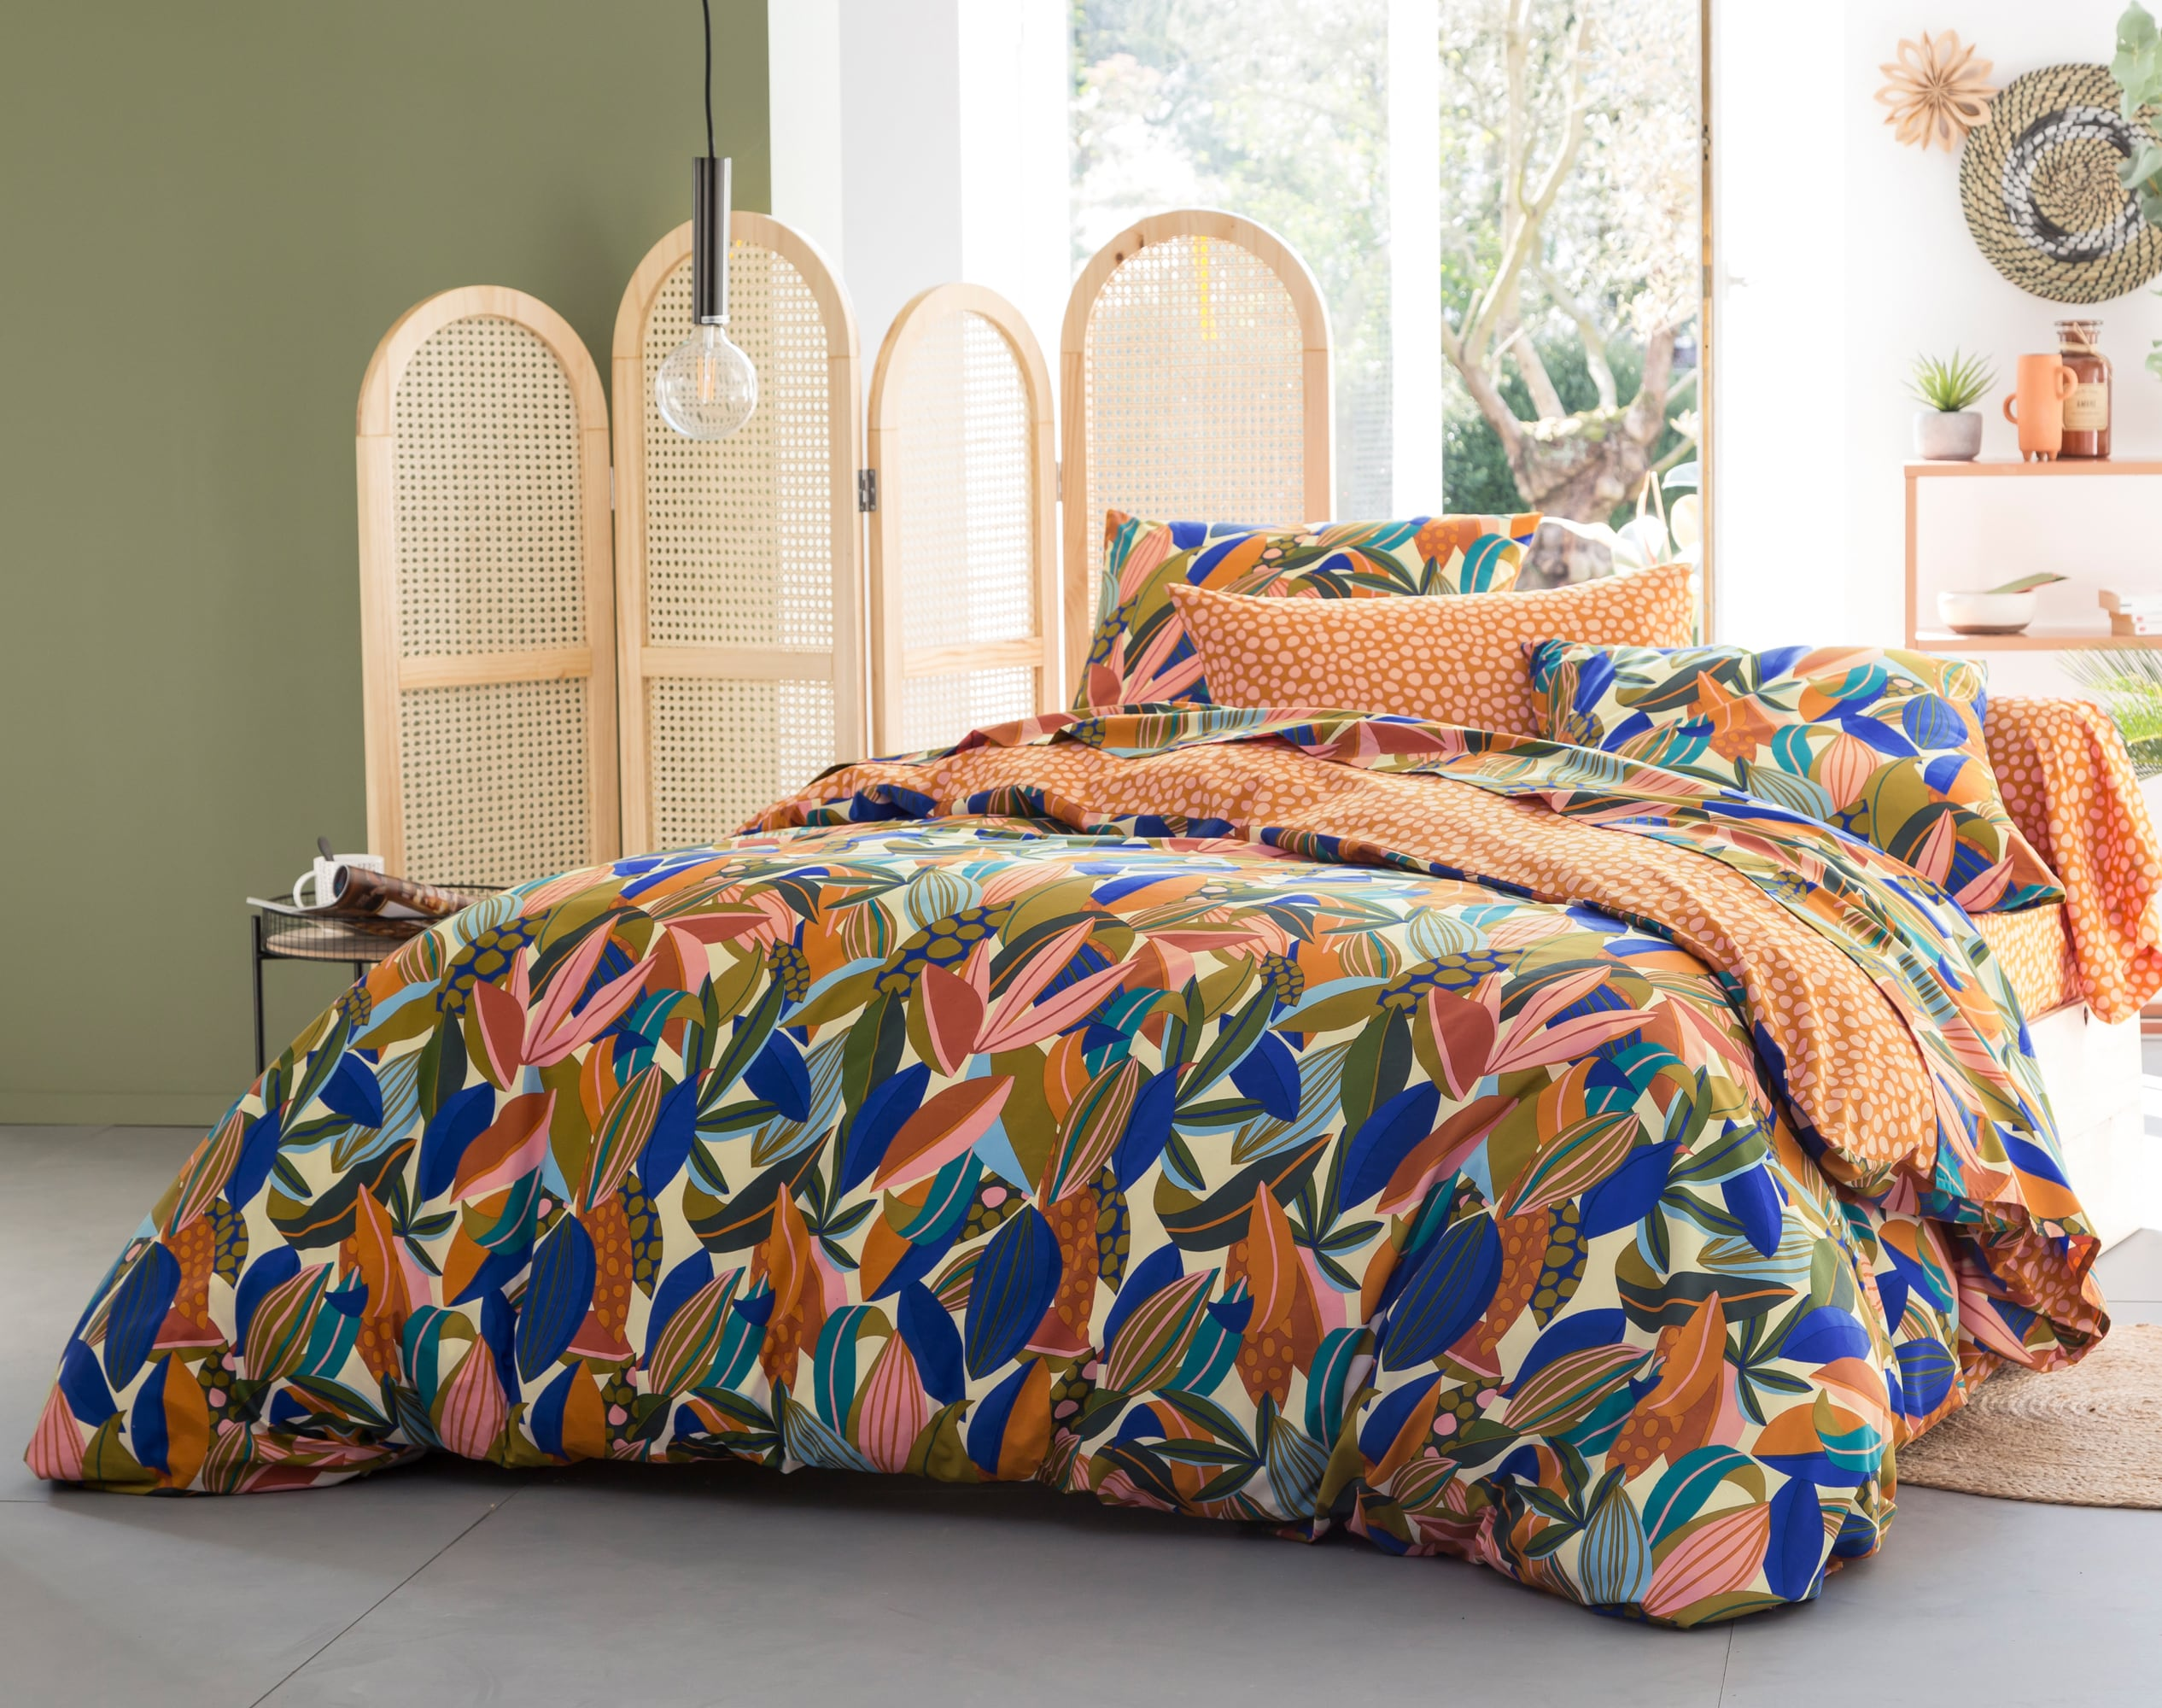 Housse de couette réversible 260x240 multicolore en percale de coton